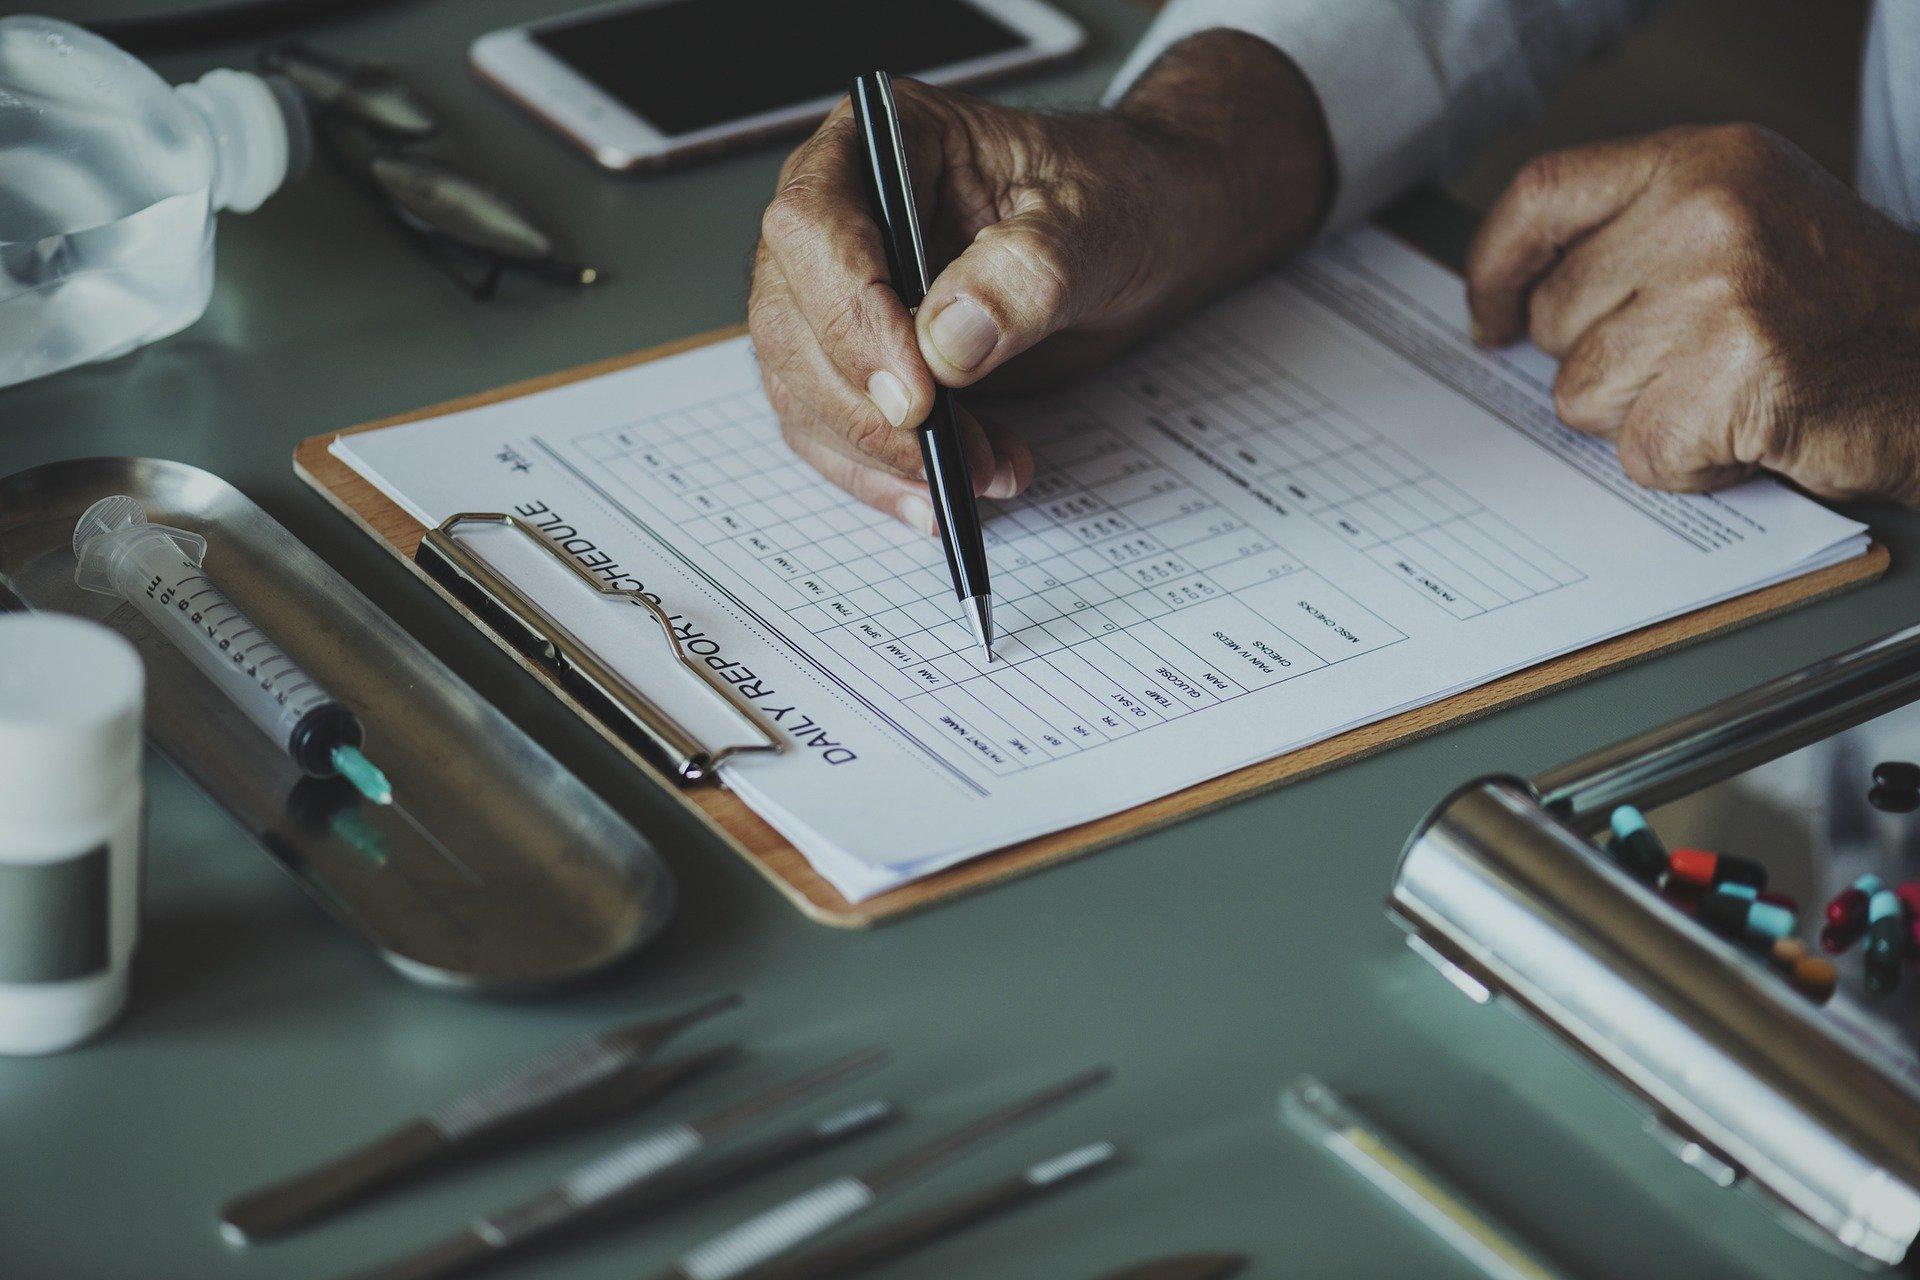 medicinali da portare in valigia lista - Medicinali da portare in viaggio: la lista completa